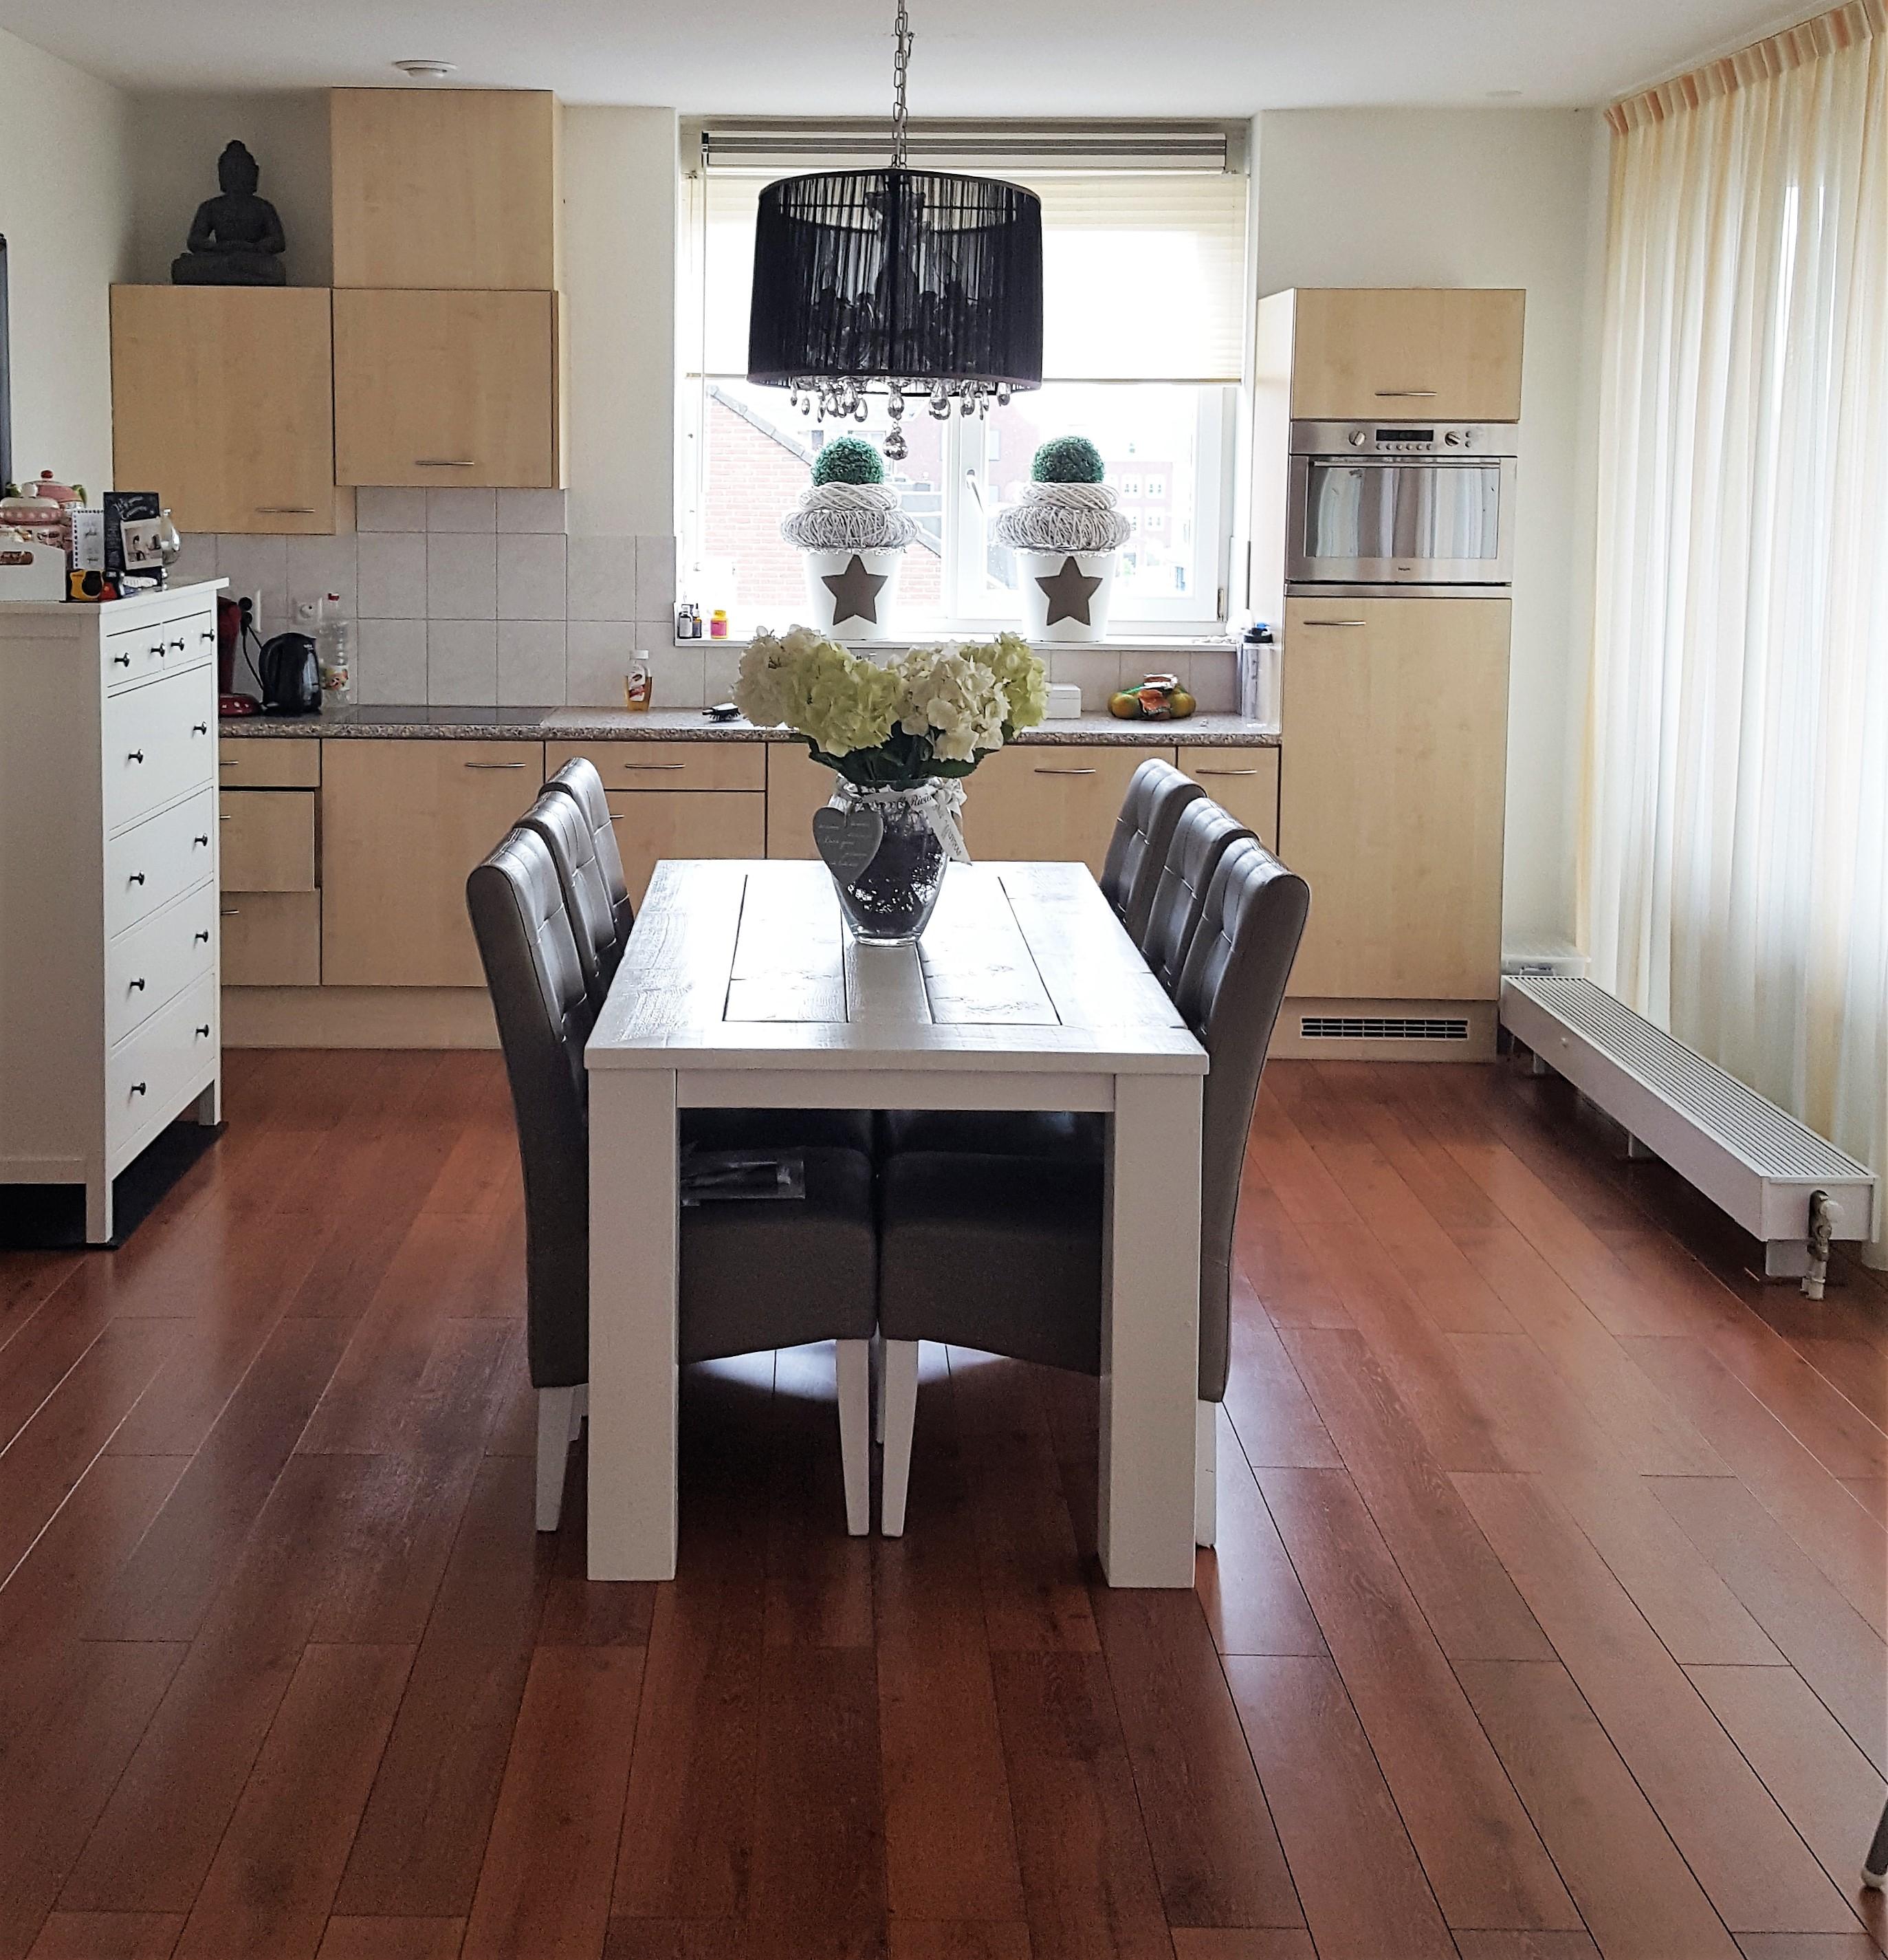 MS26-2-keuken